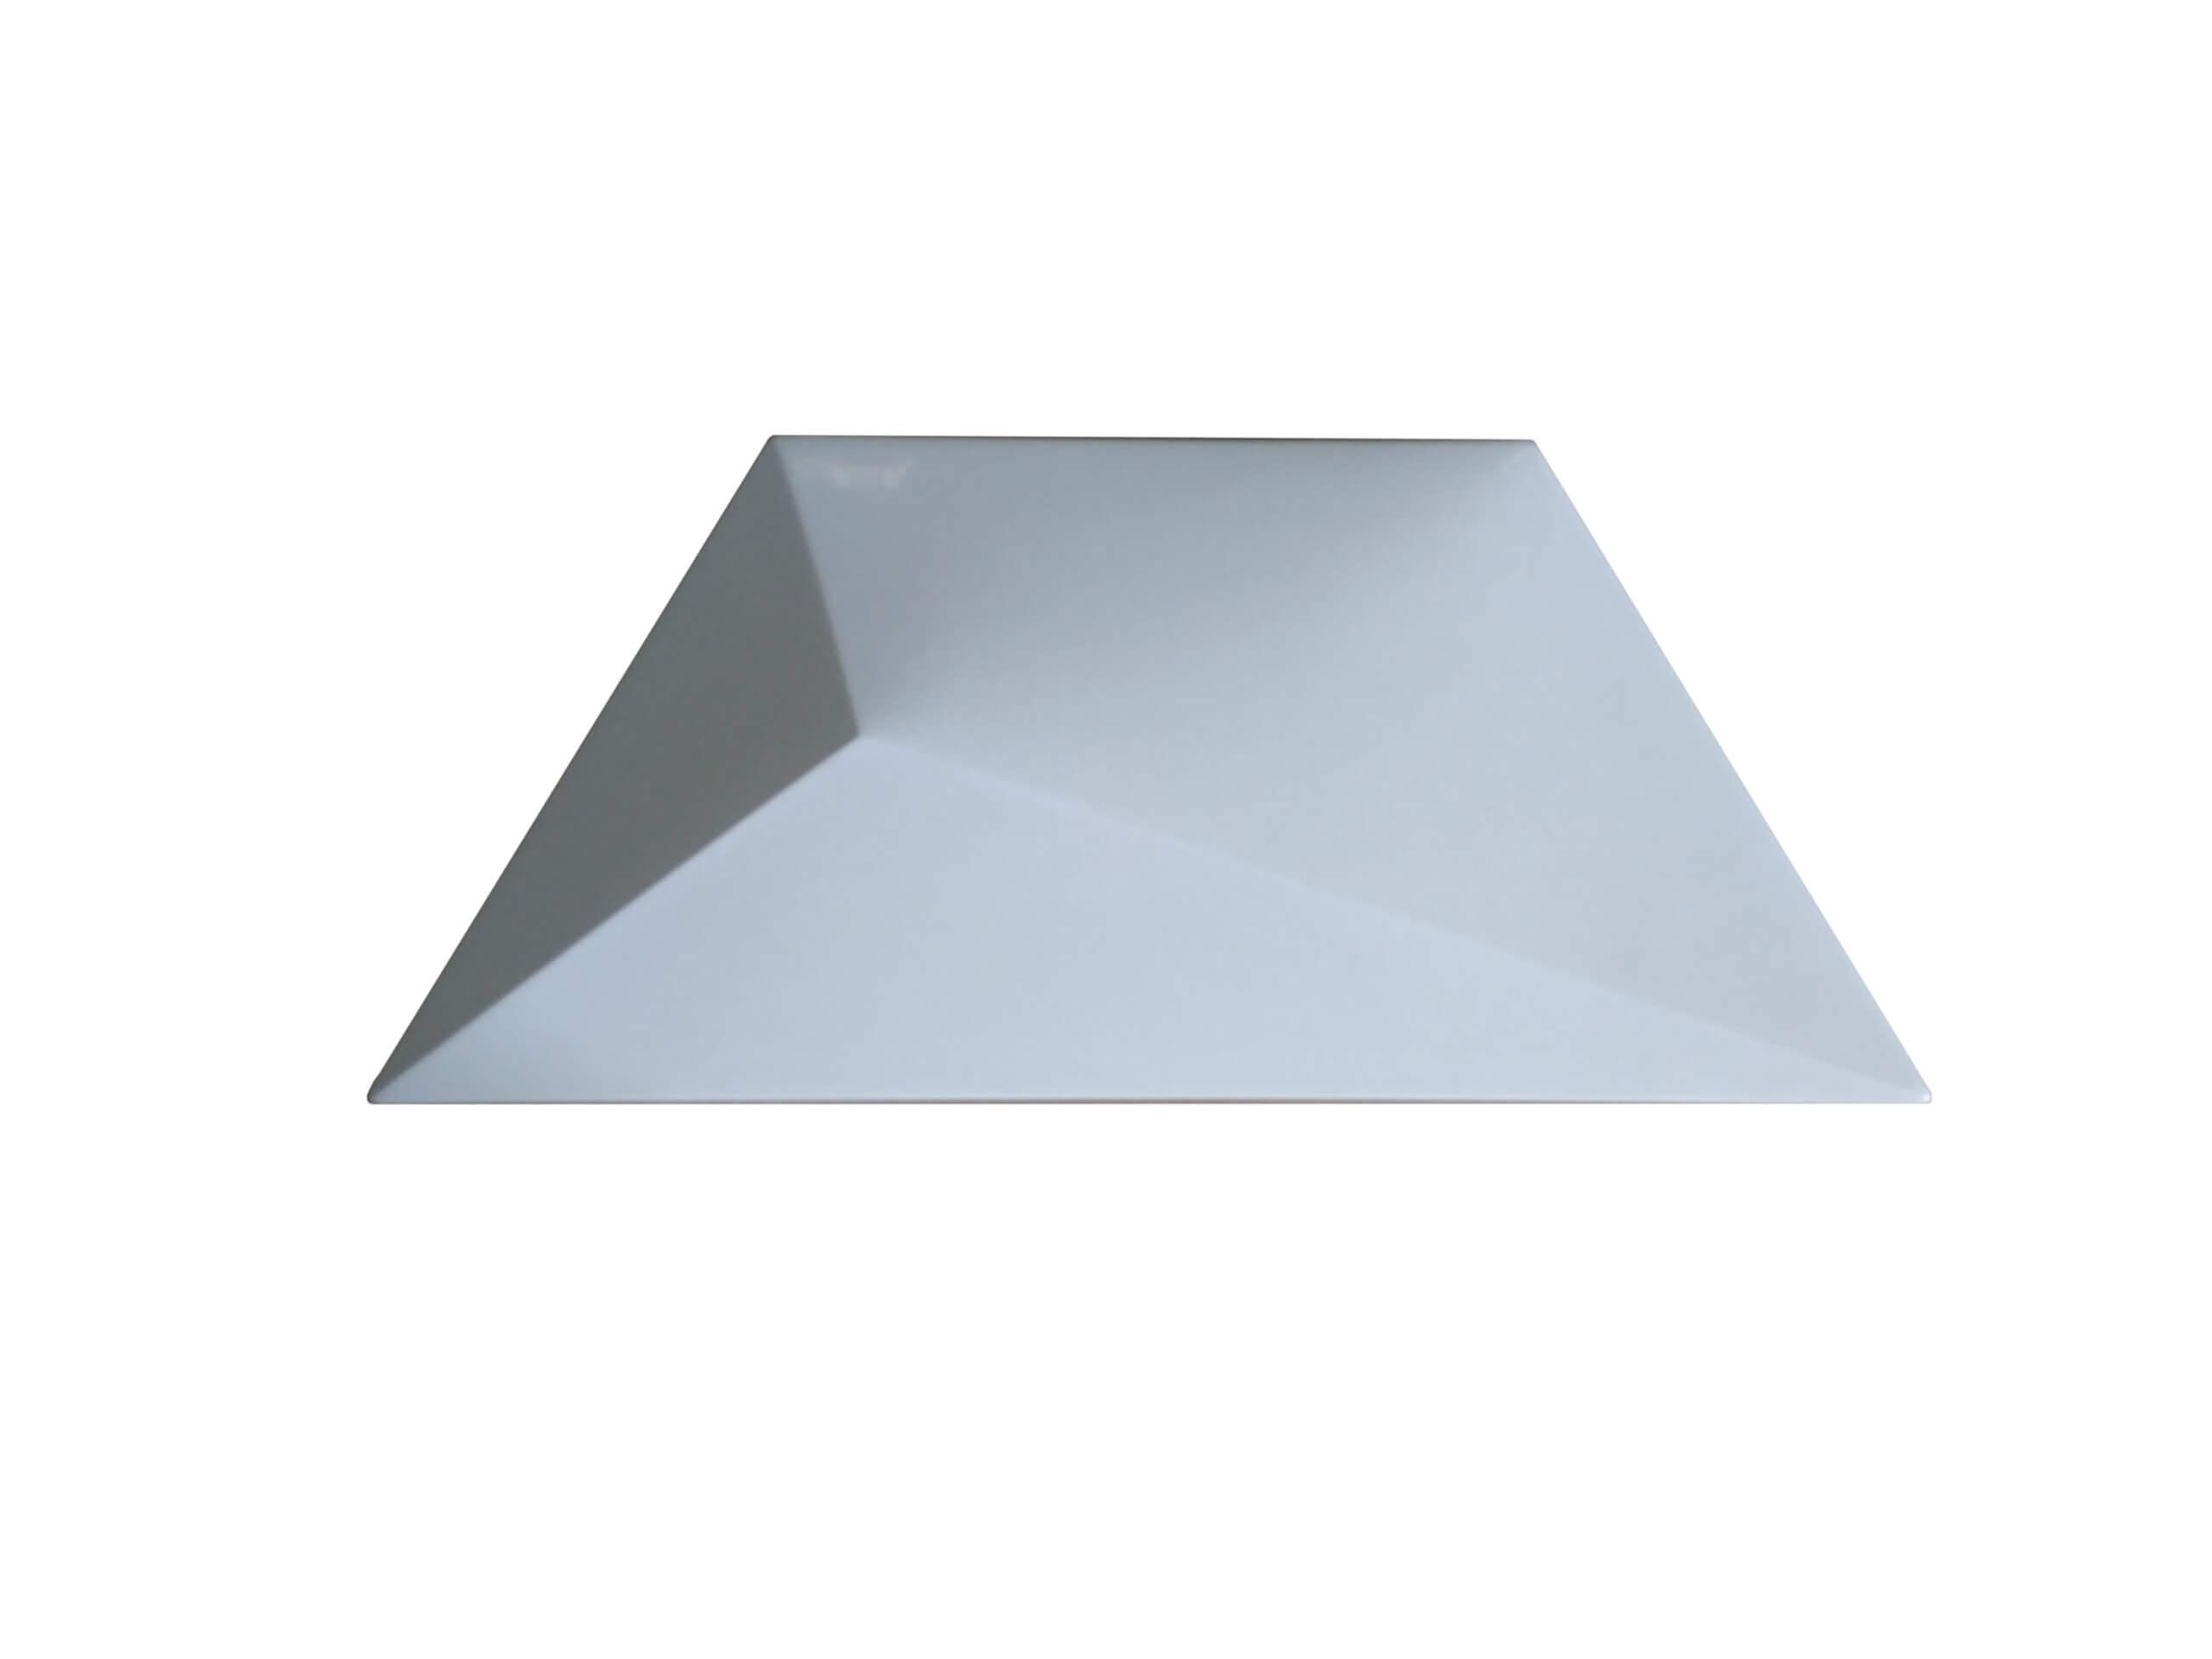 Prisma 60×25 -  Molduras em concreto